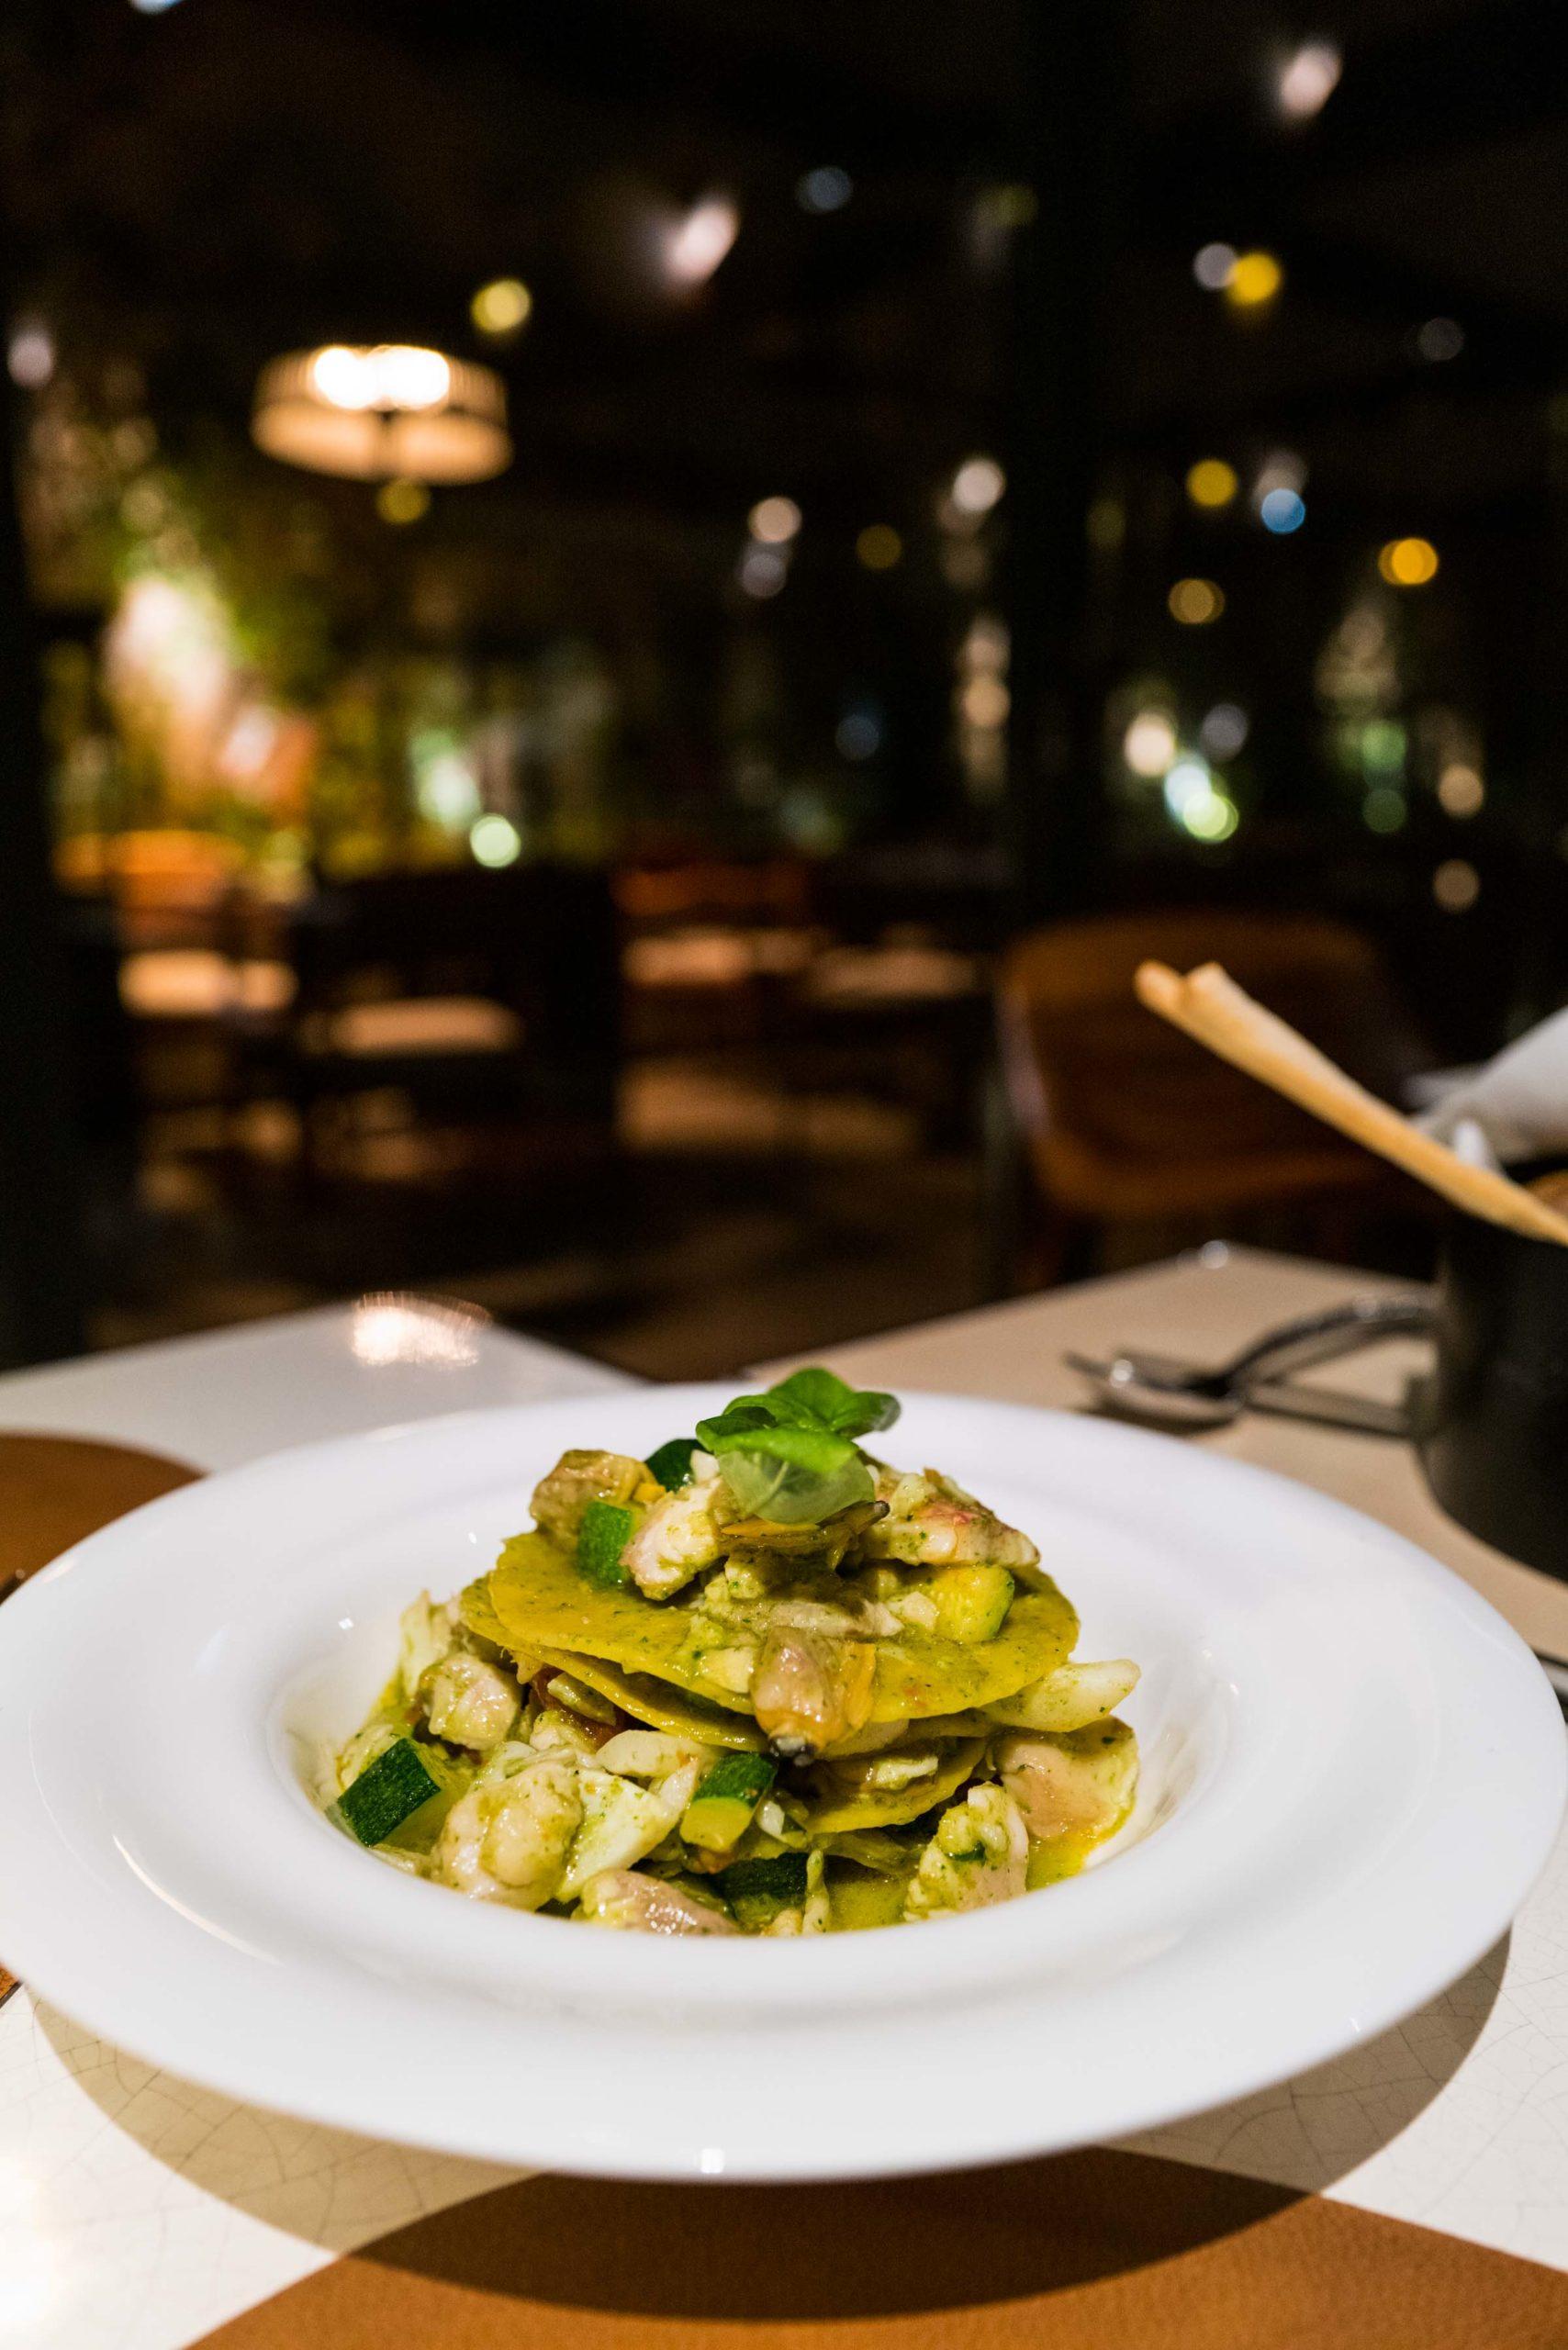 Lasagna Il Giardino Ristorante at the Hotel Eden Rome, The Taste Edit #hotel #rome #italy #restaurant